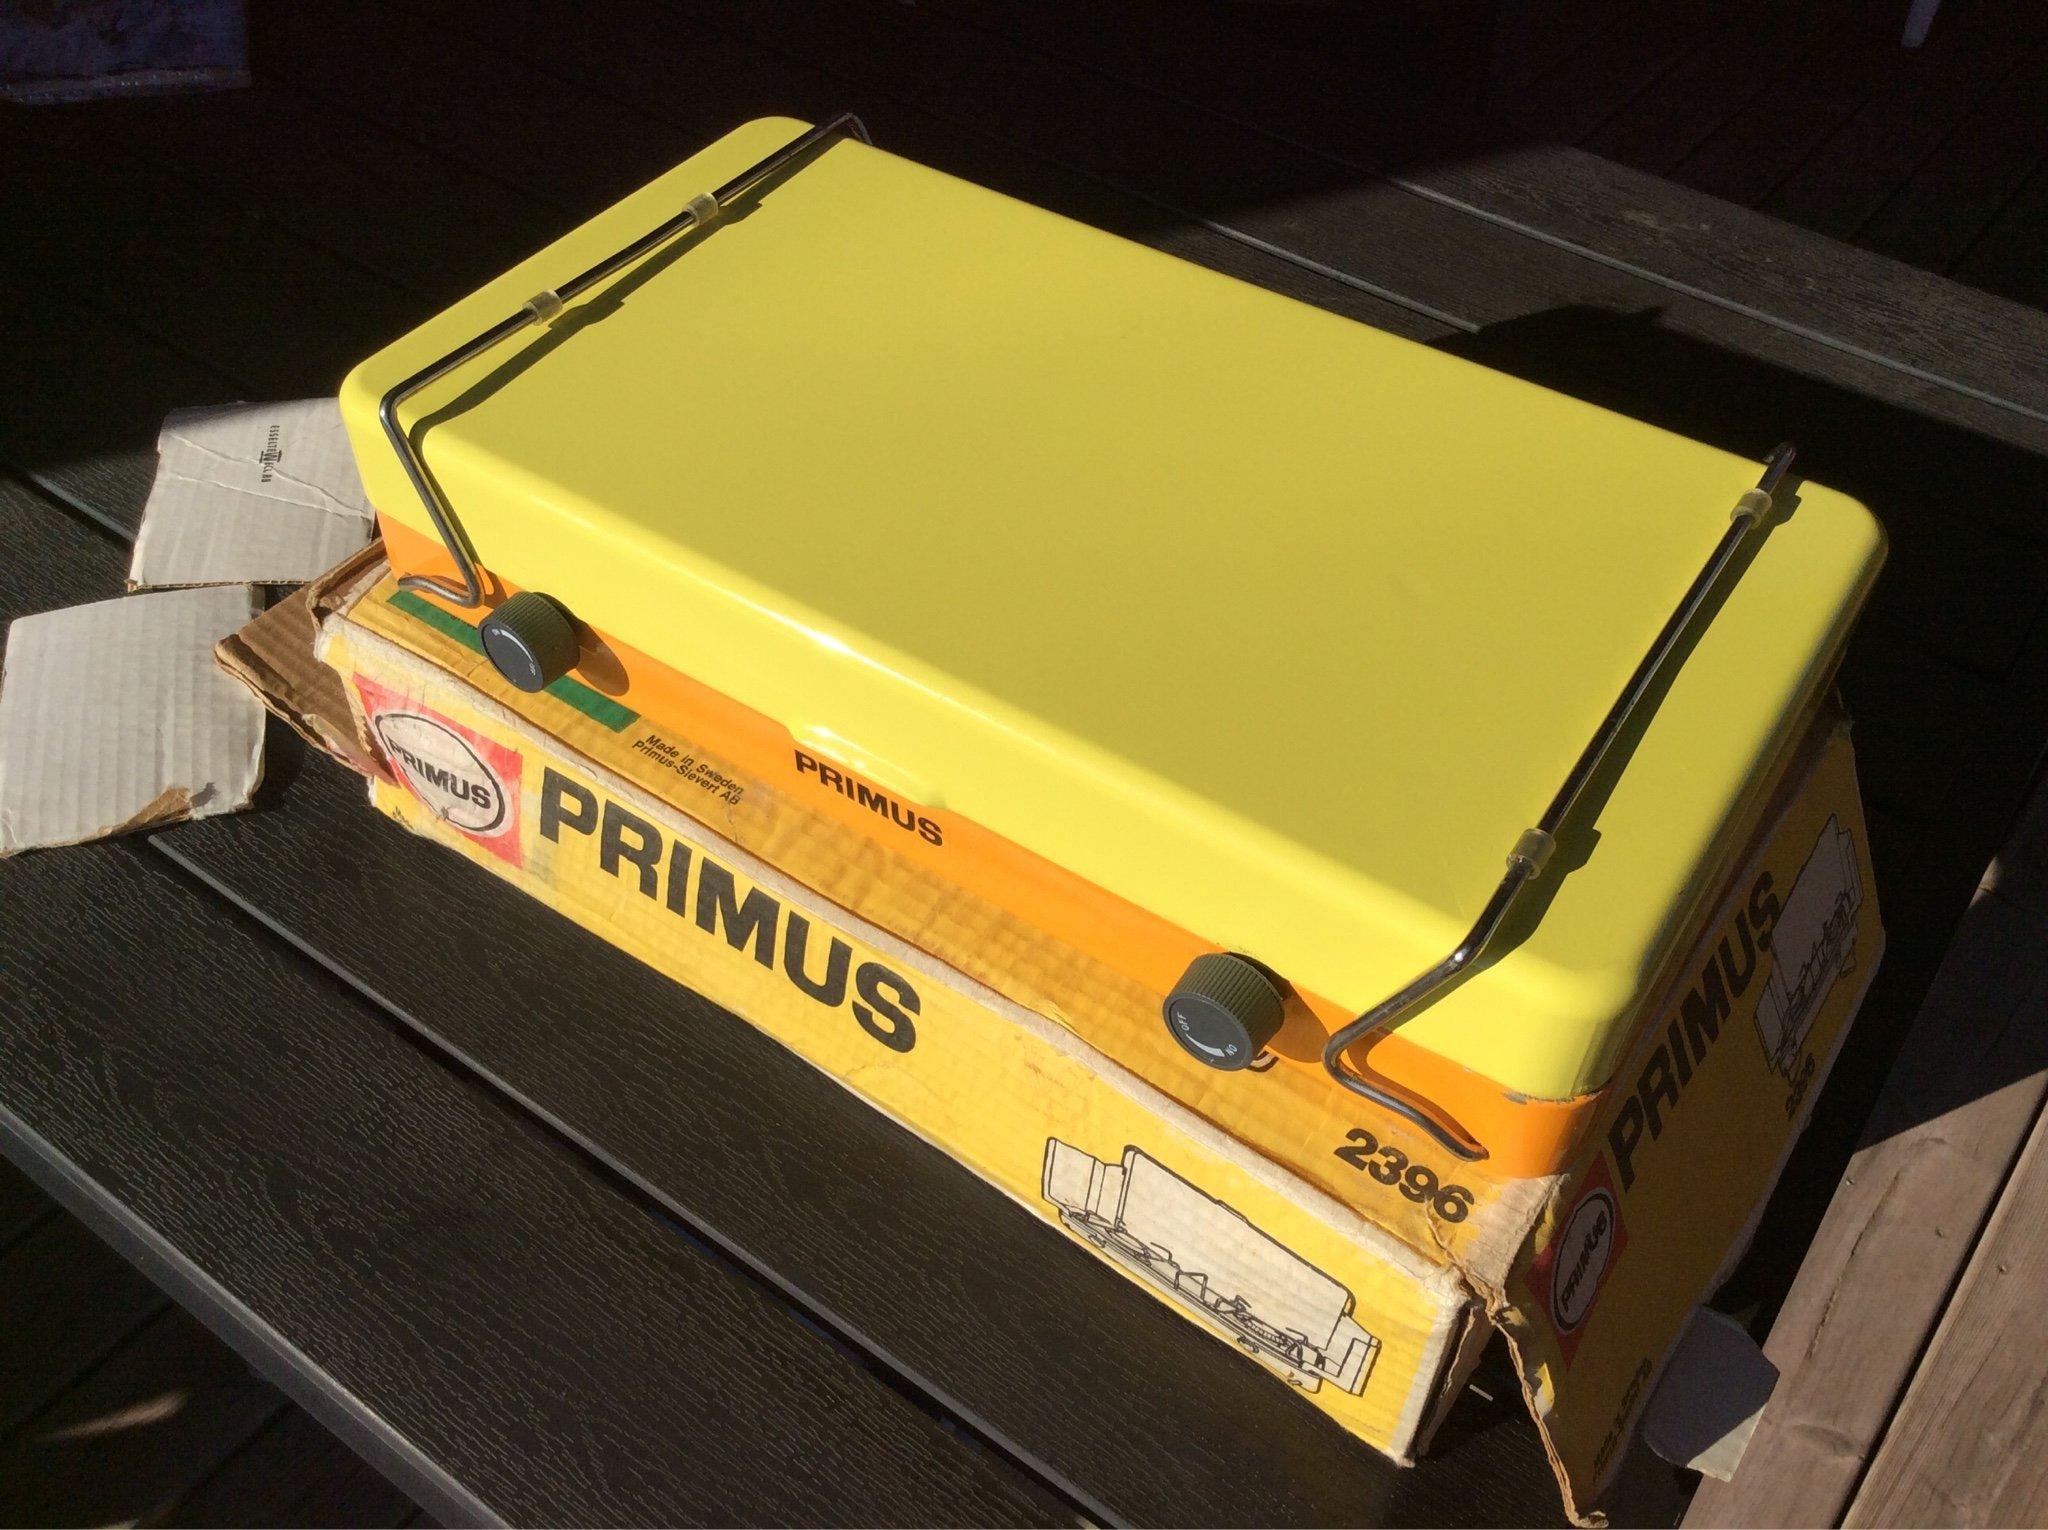 Prima Primus gasol kök (347164581) ᐈ Köp på Tradera FB-53